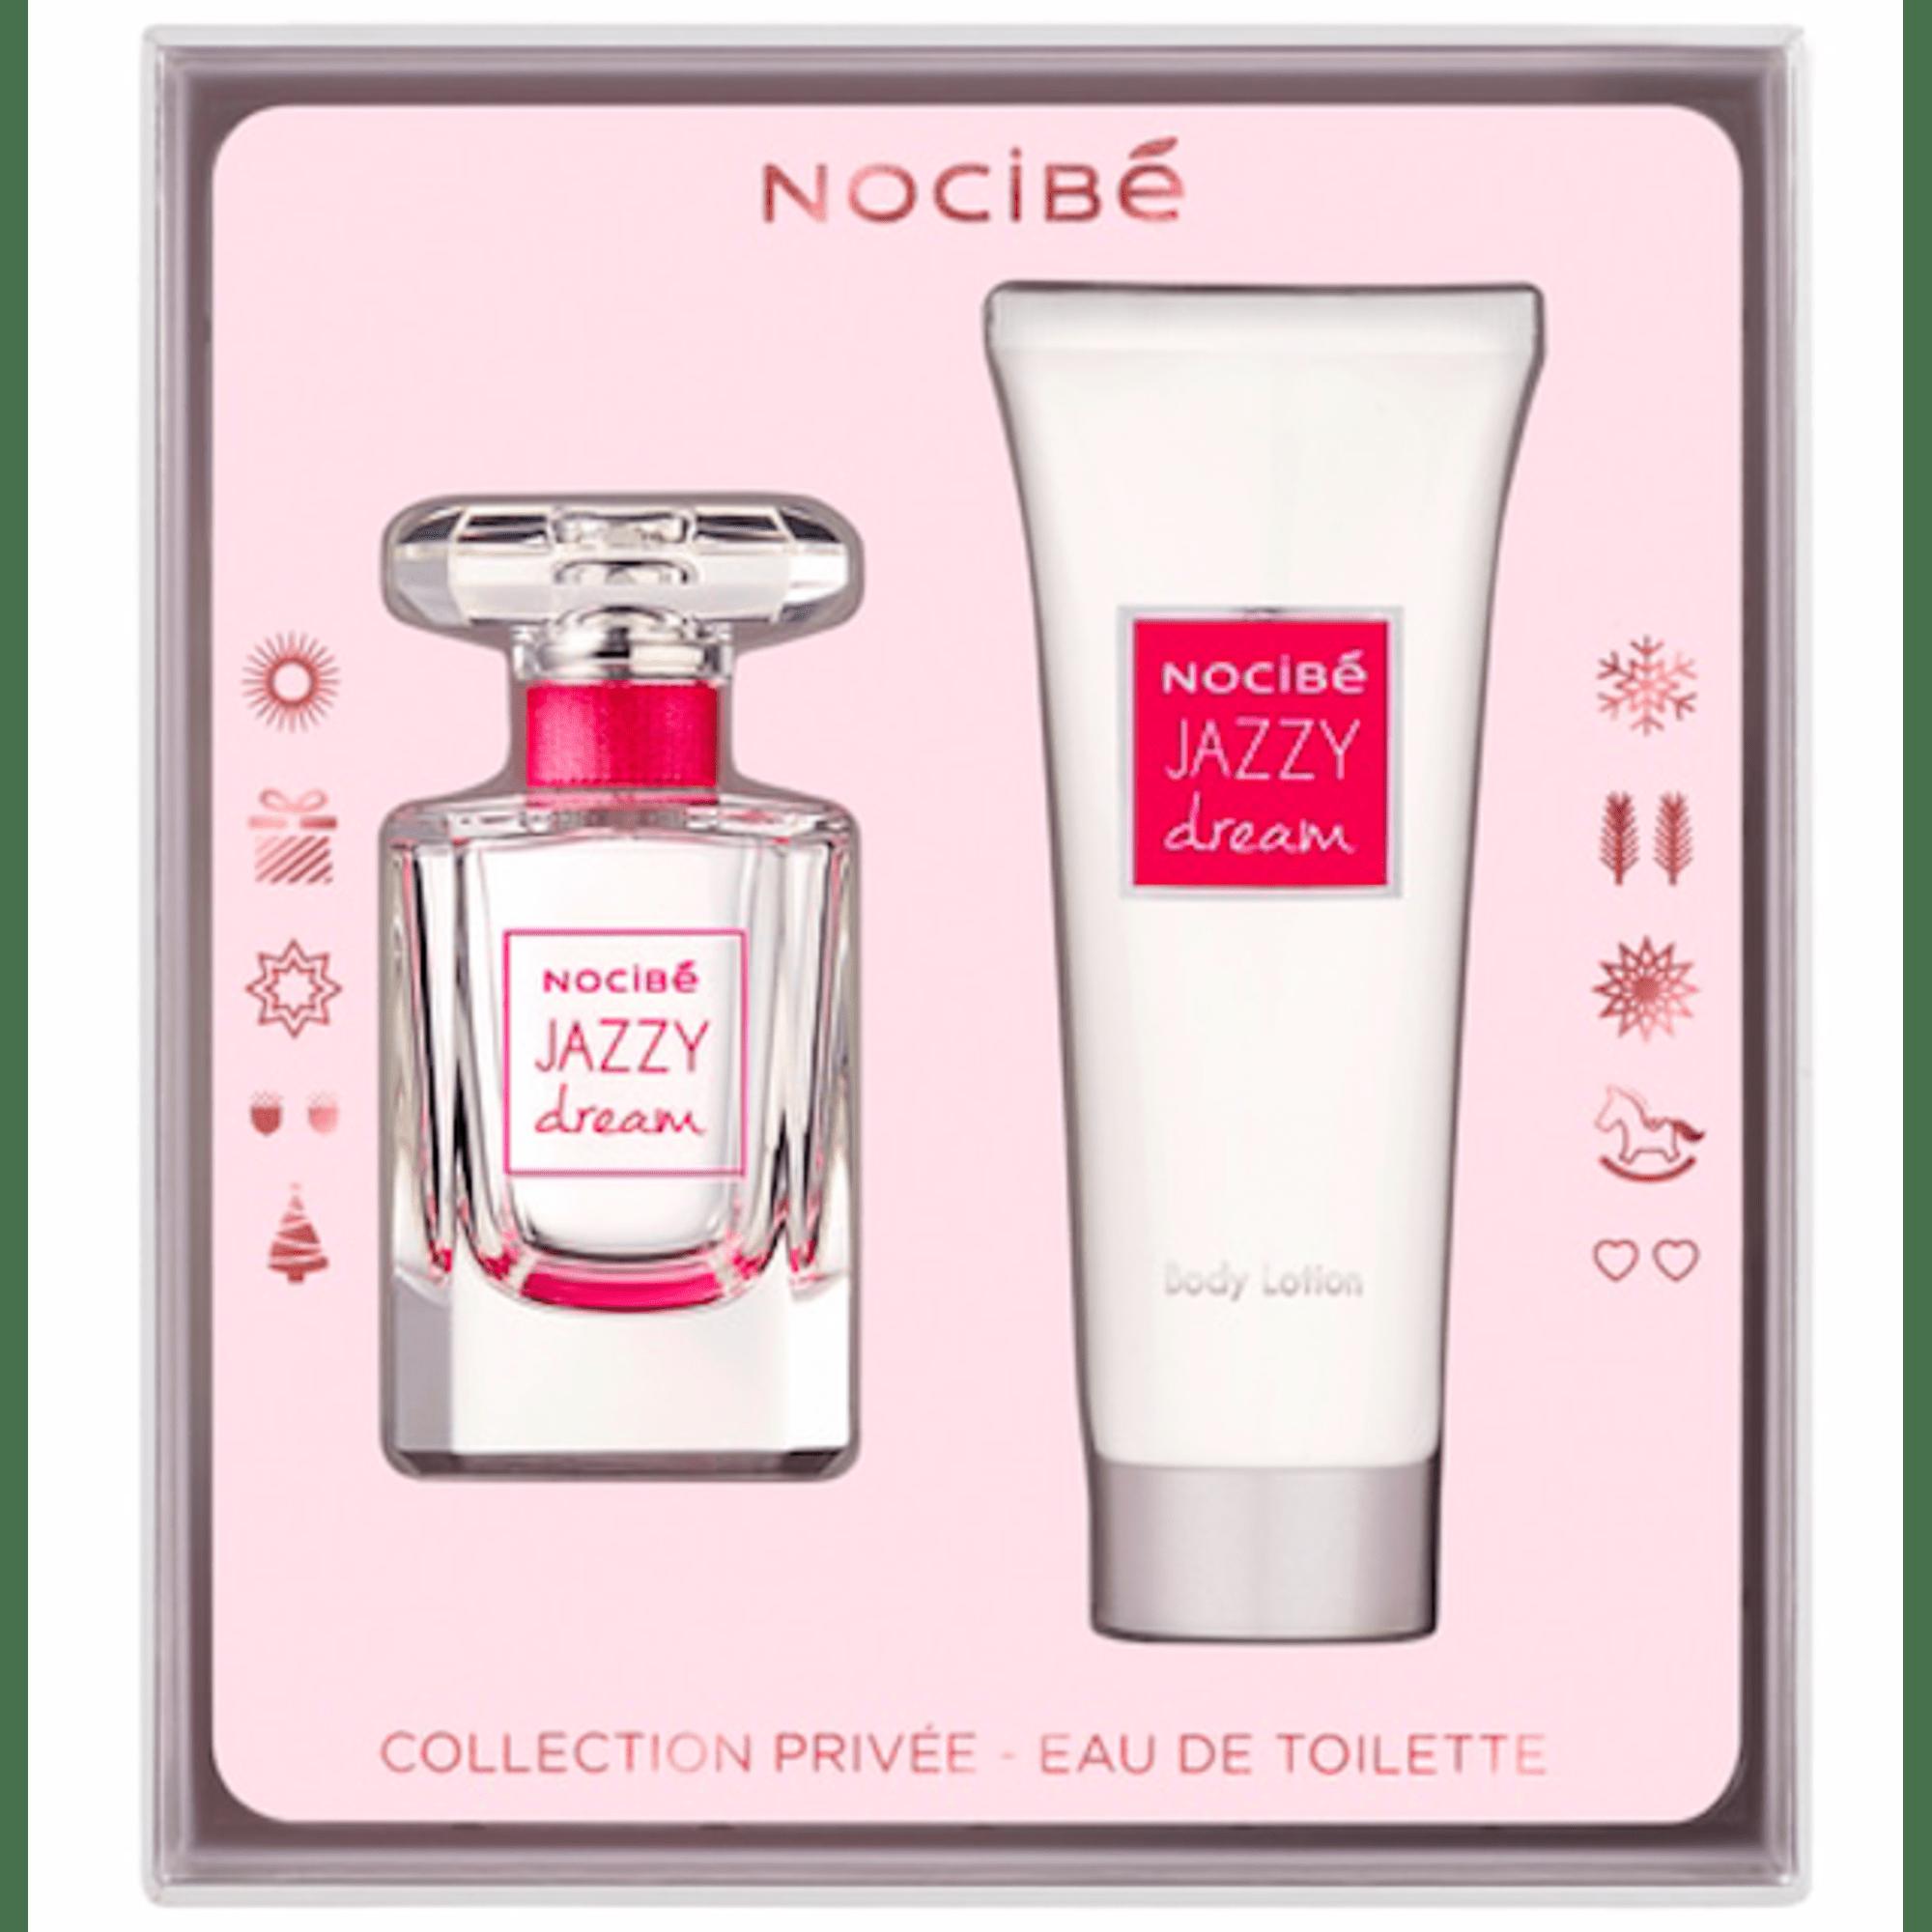 Coffret Nocibe Nocibe Parfum Parfum Coffret Parfum Nocibe Coffret Parfum Coffret Nocibe Parfum Coffret Nocibe E2IHDW9